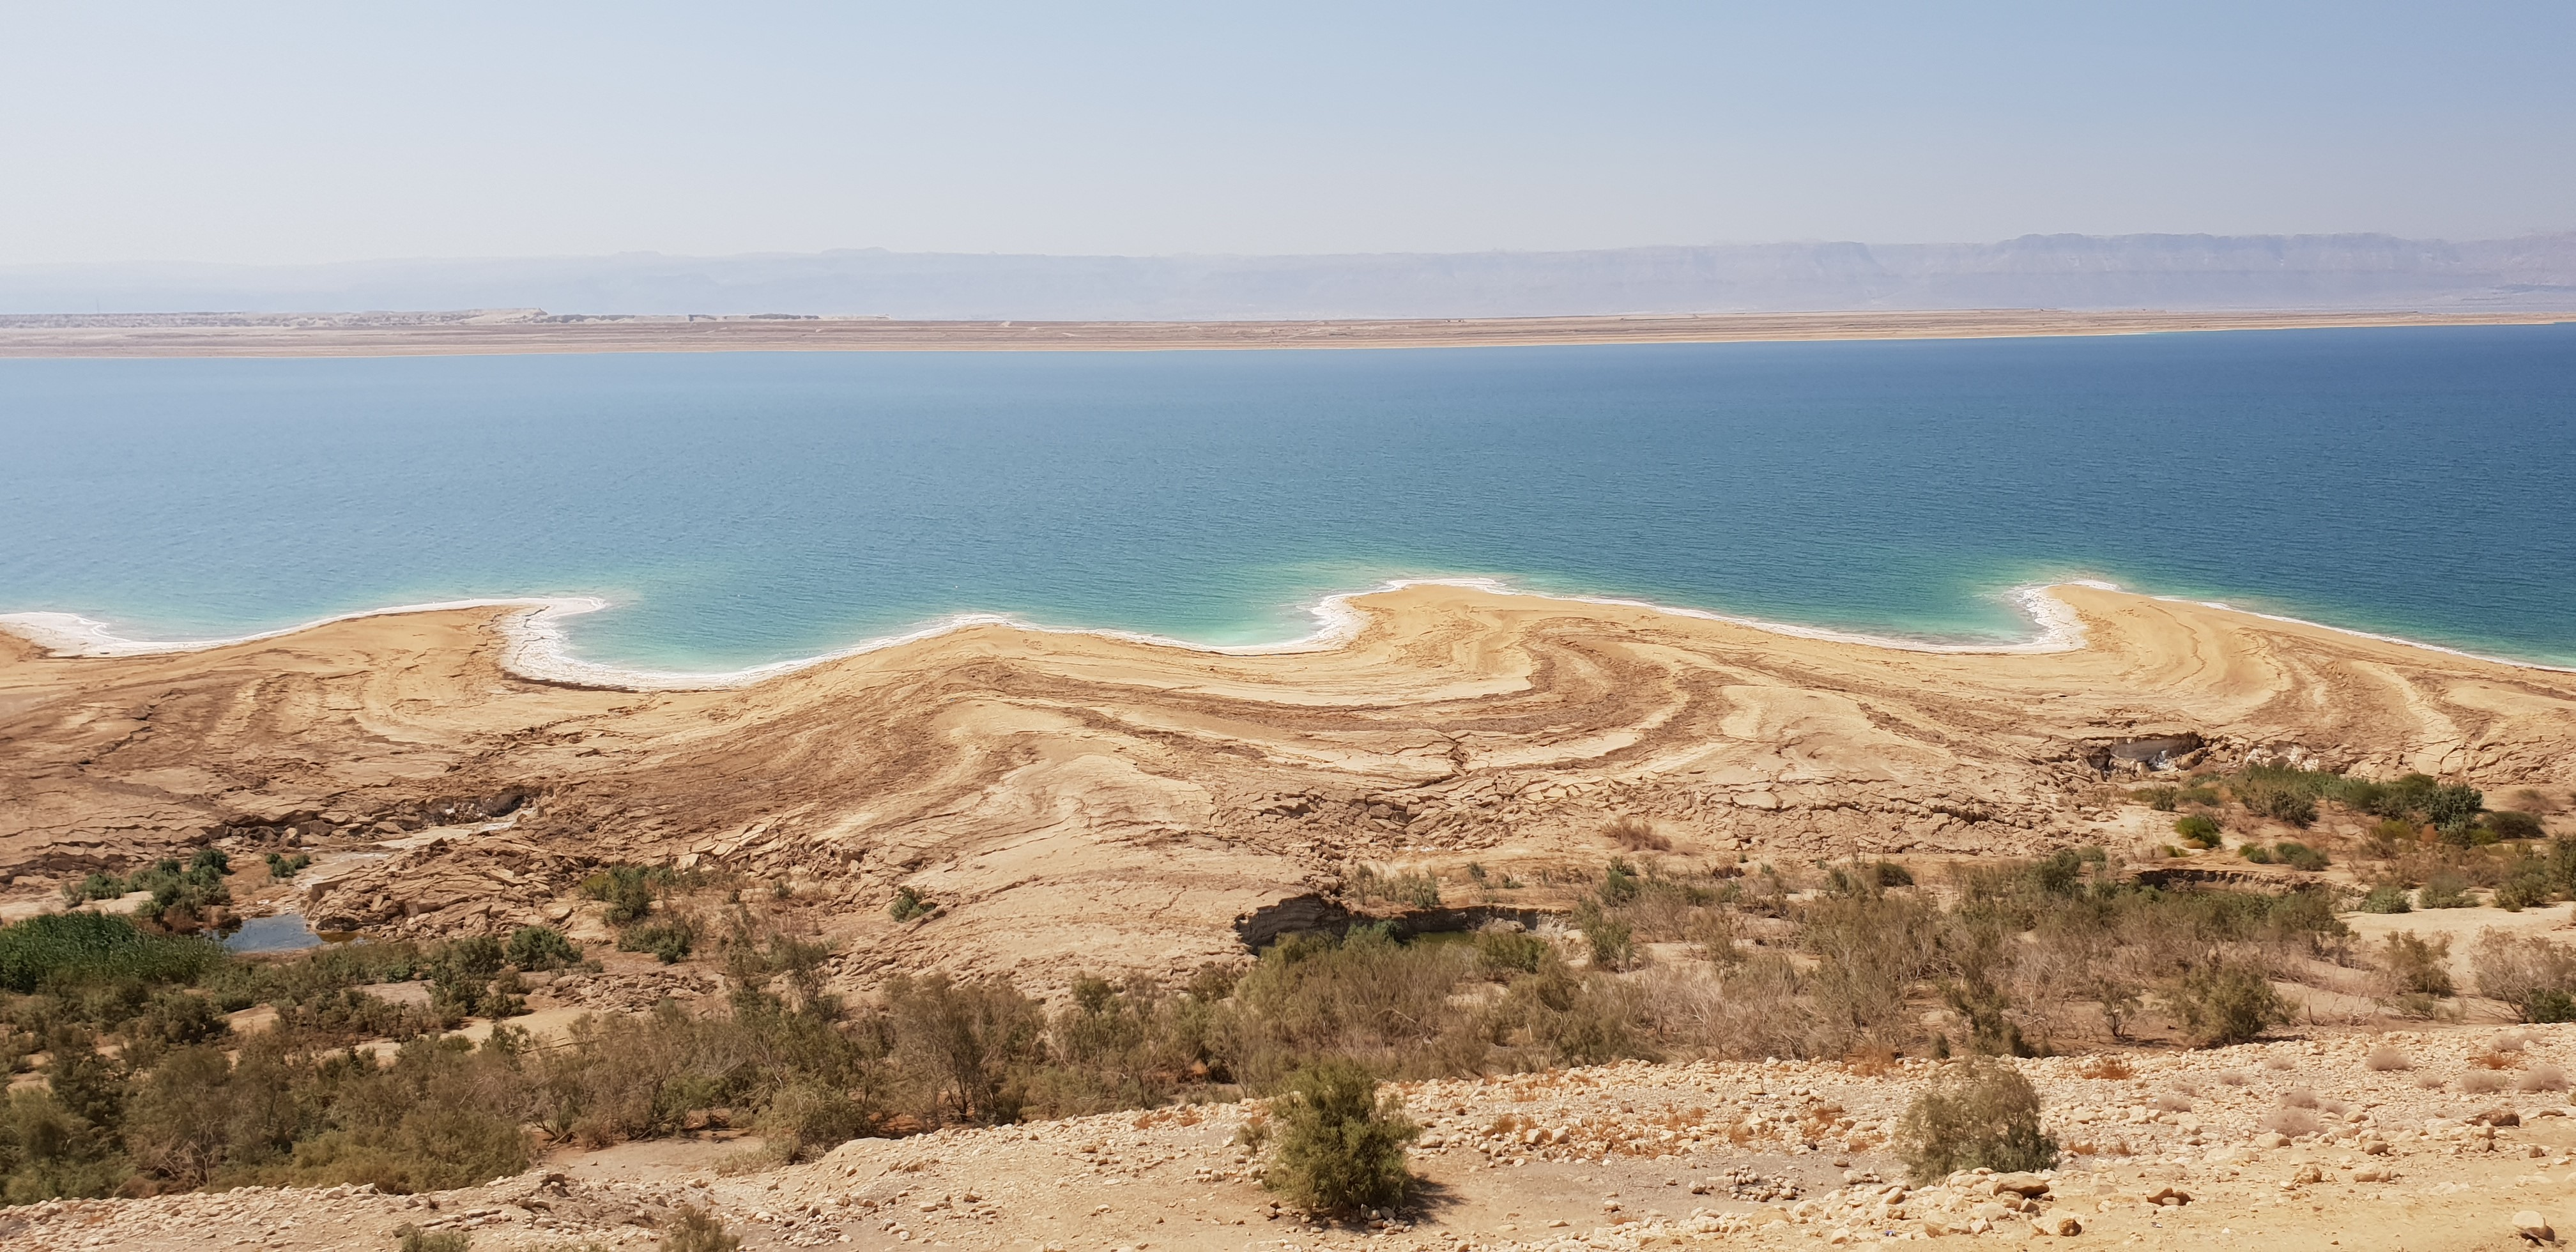 jordanie _10_.jpg